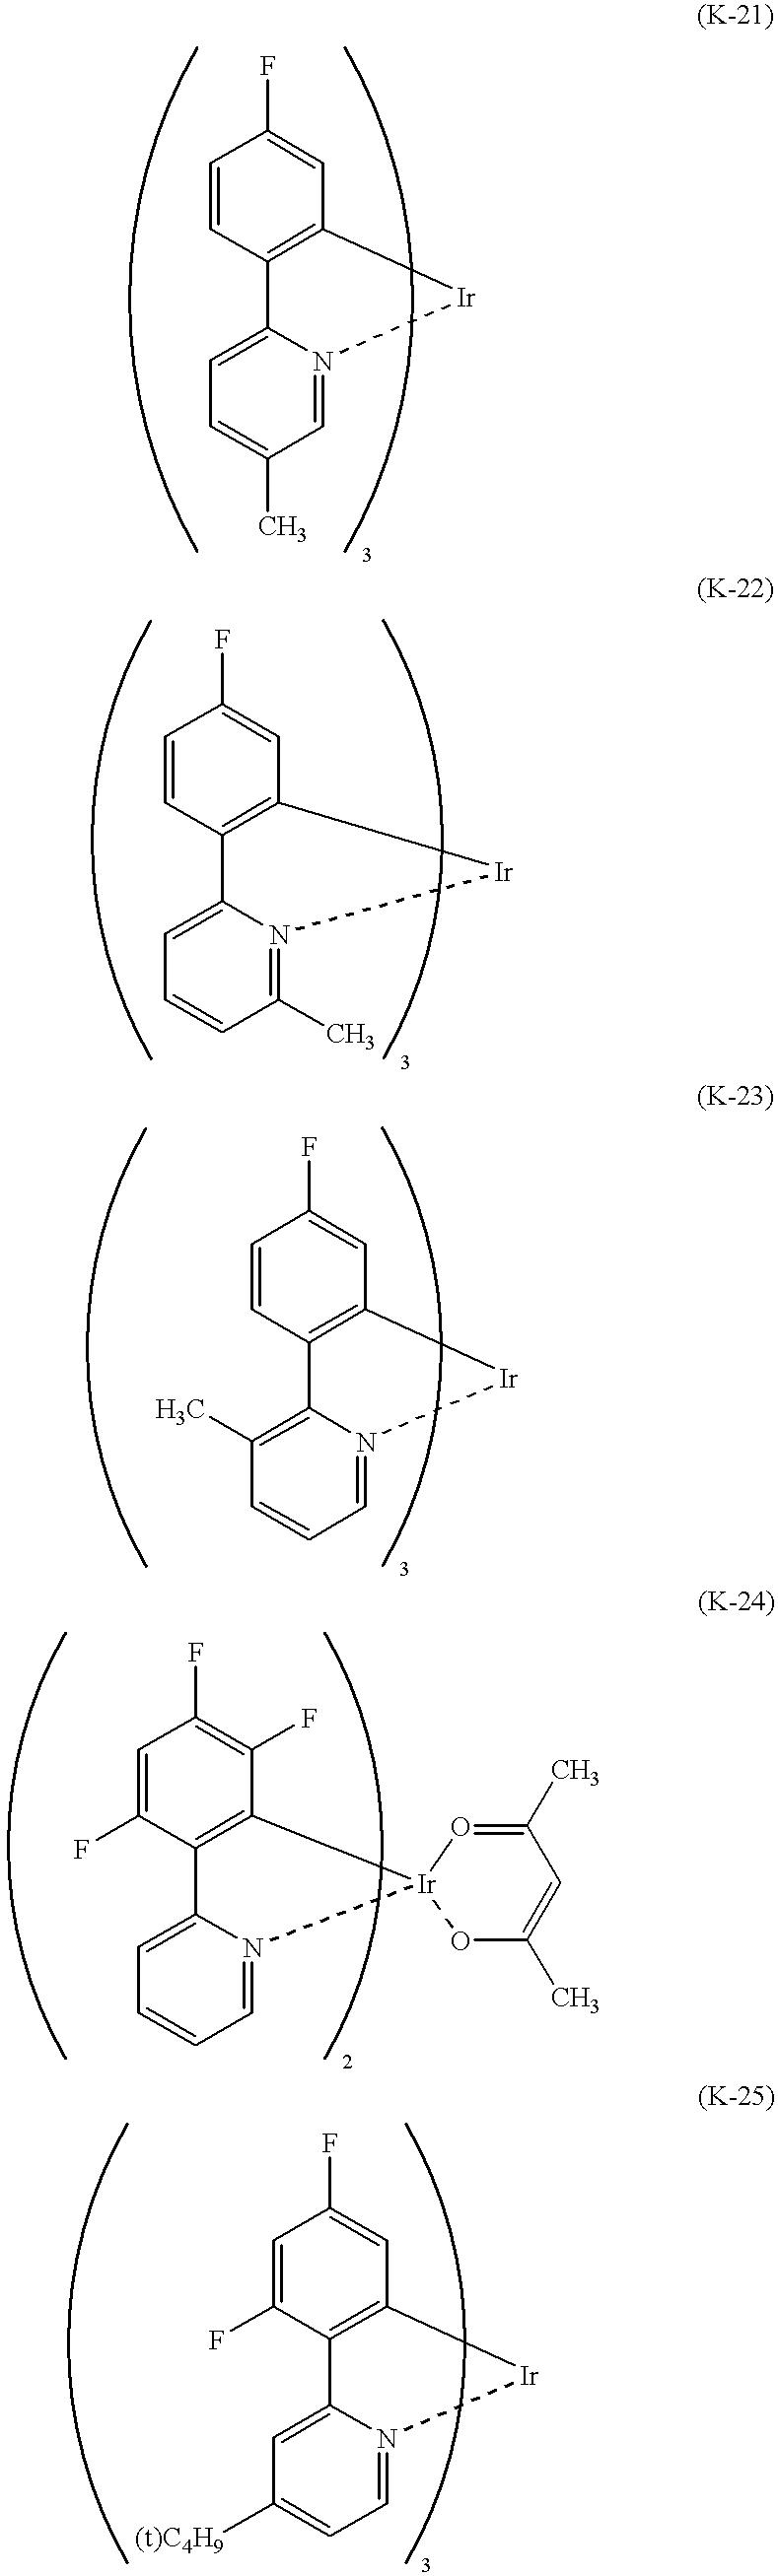 Figure US07306856-20071211-C00012